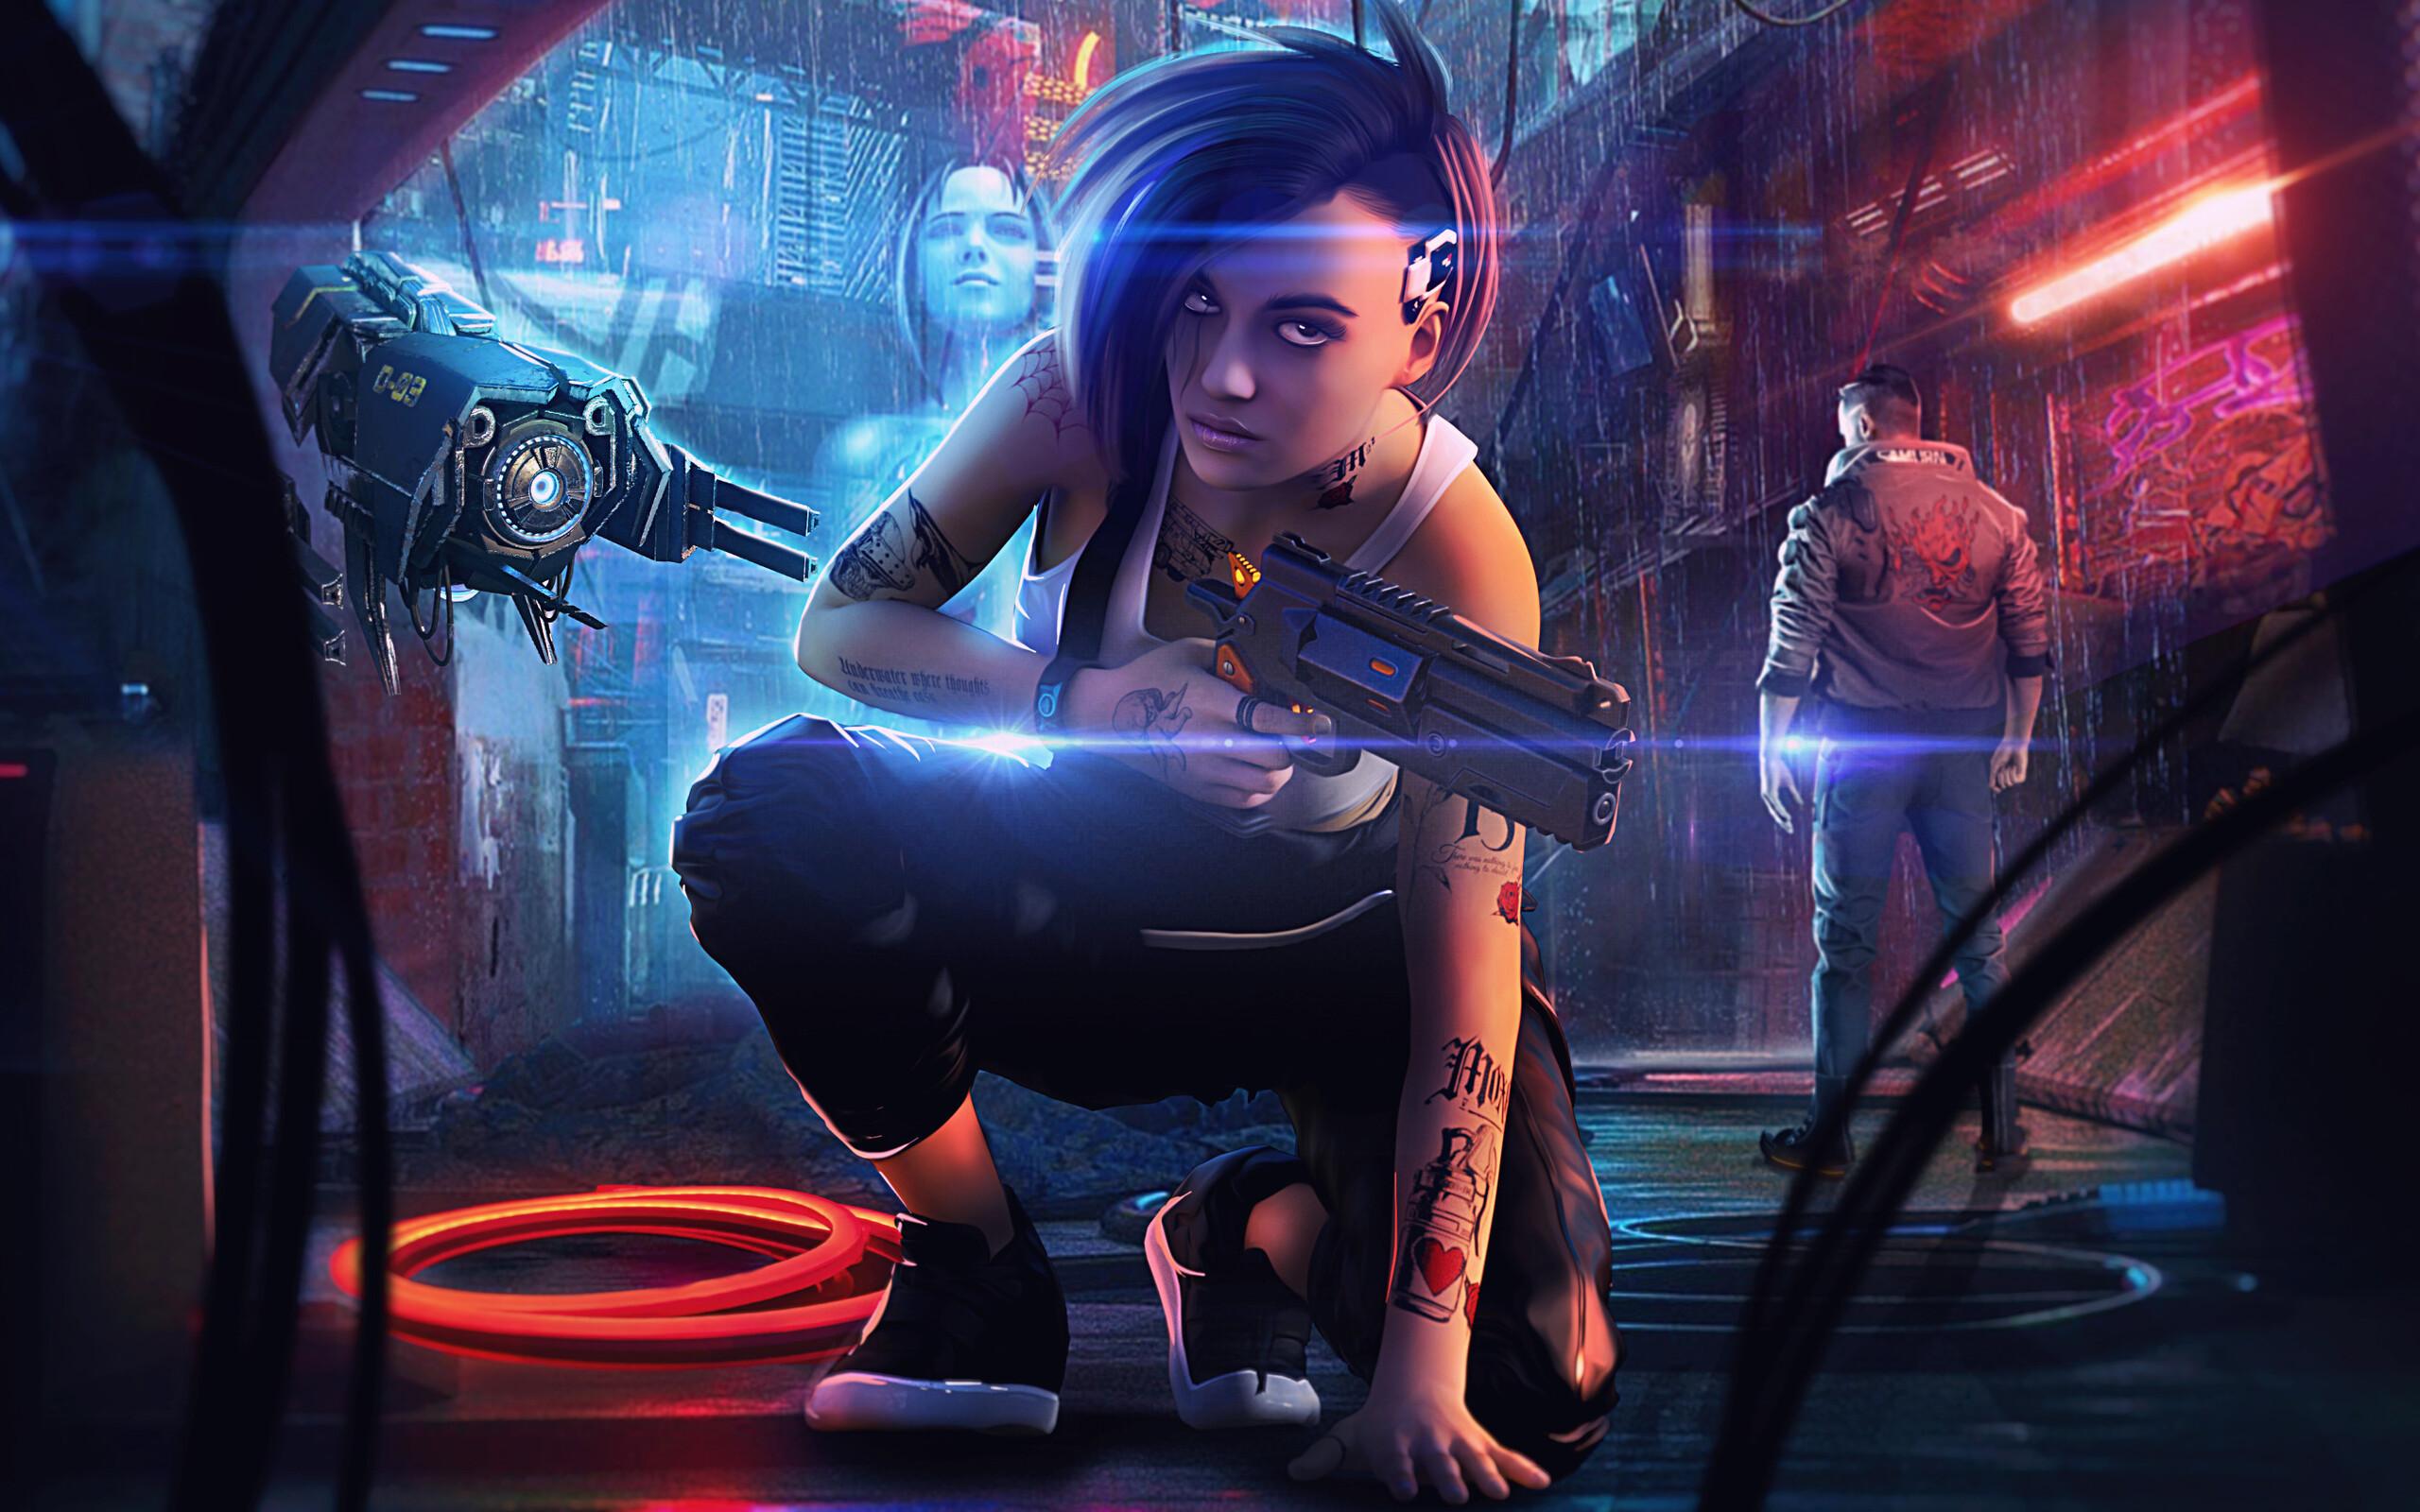 cyberpunk-2077-shoot-day-4k-qf.jpg